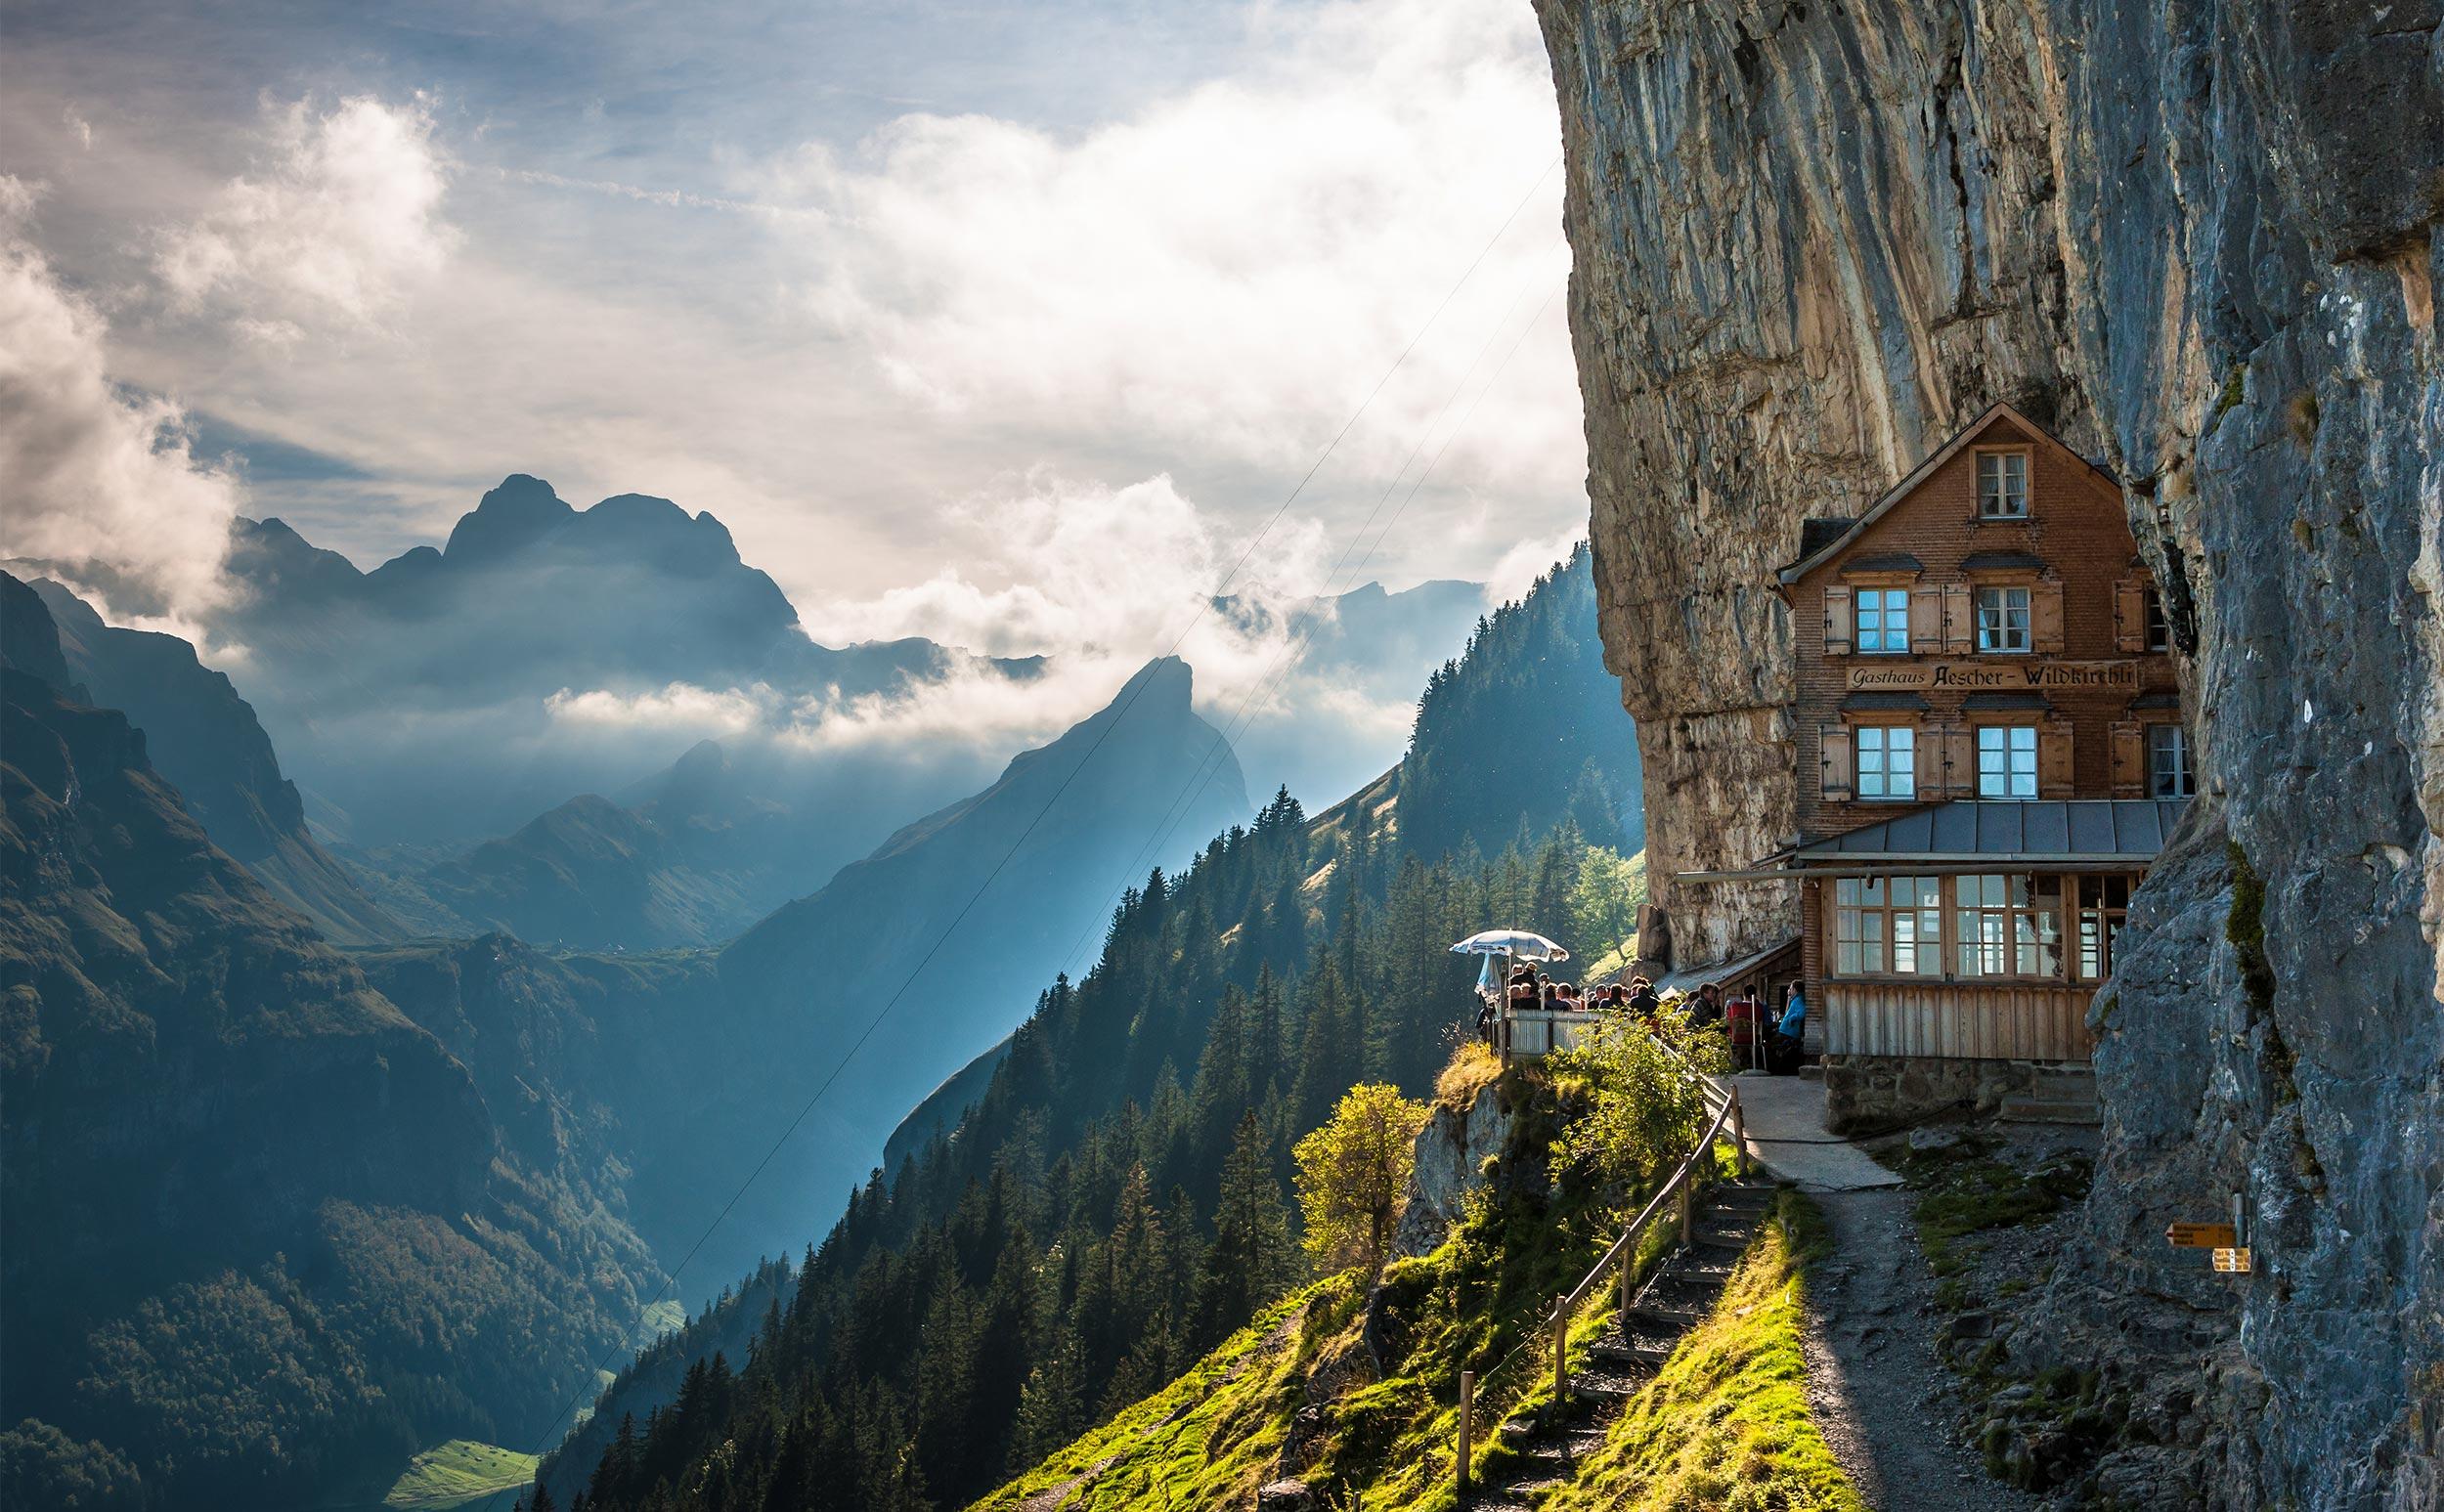 Randonnée à l'auberge de montagne Äscher | Suisse Tourisme